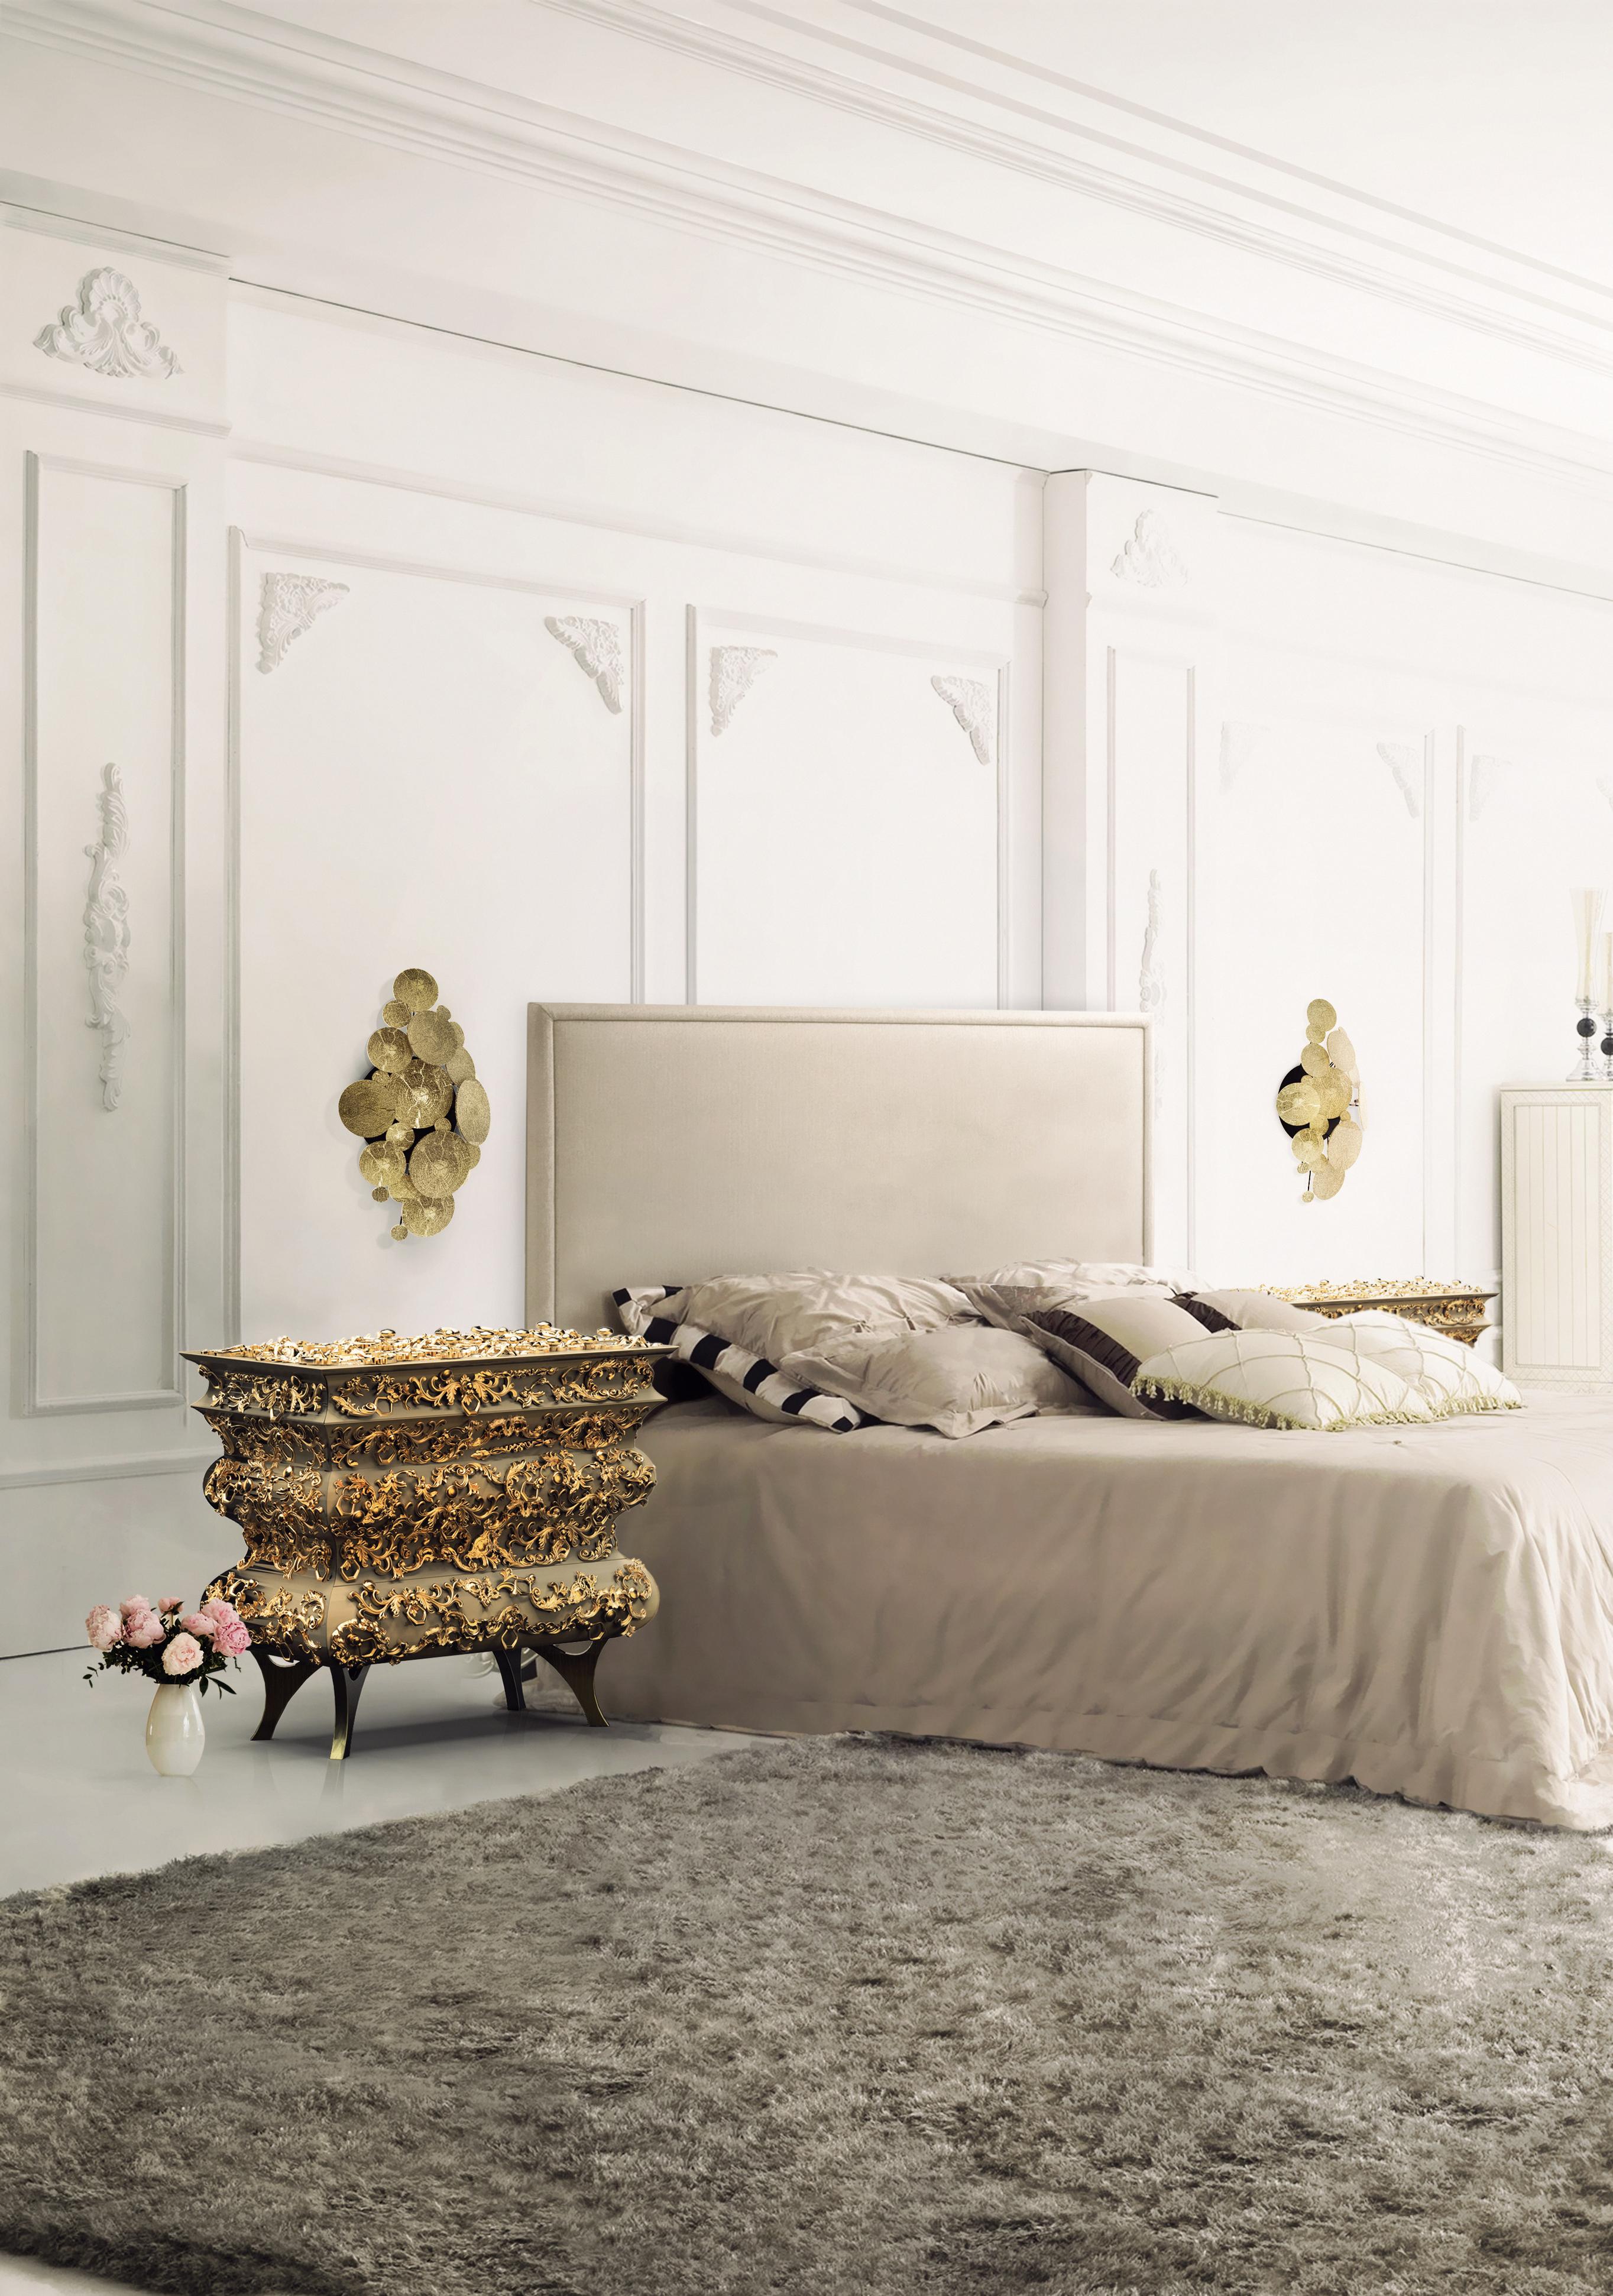 Design Möbel Einzigartige Design Möbel an die beste Reiseziele inspiriert crochet bedside